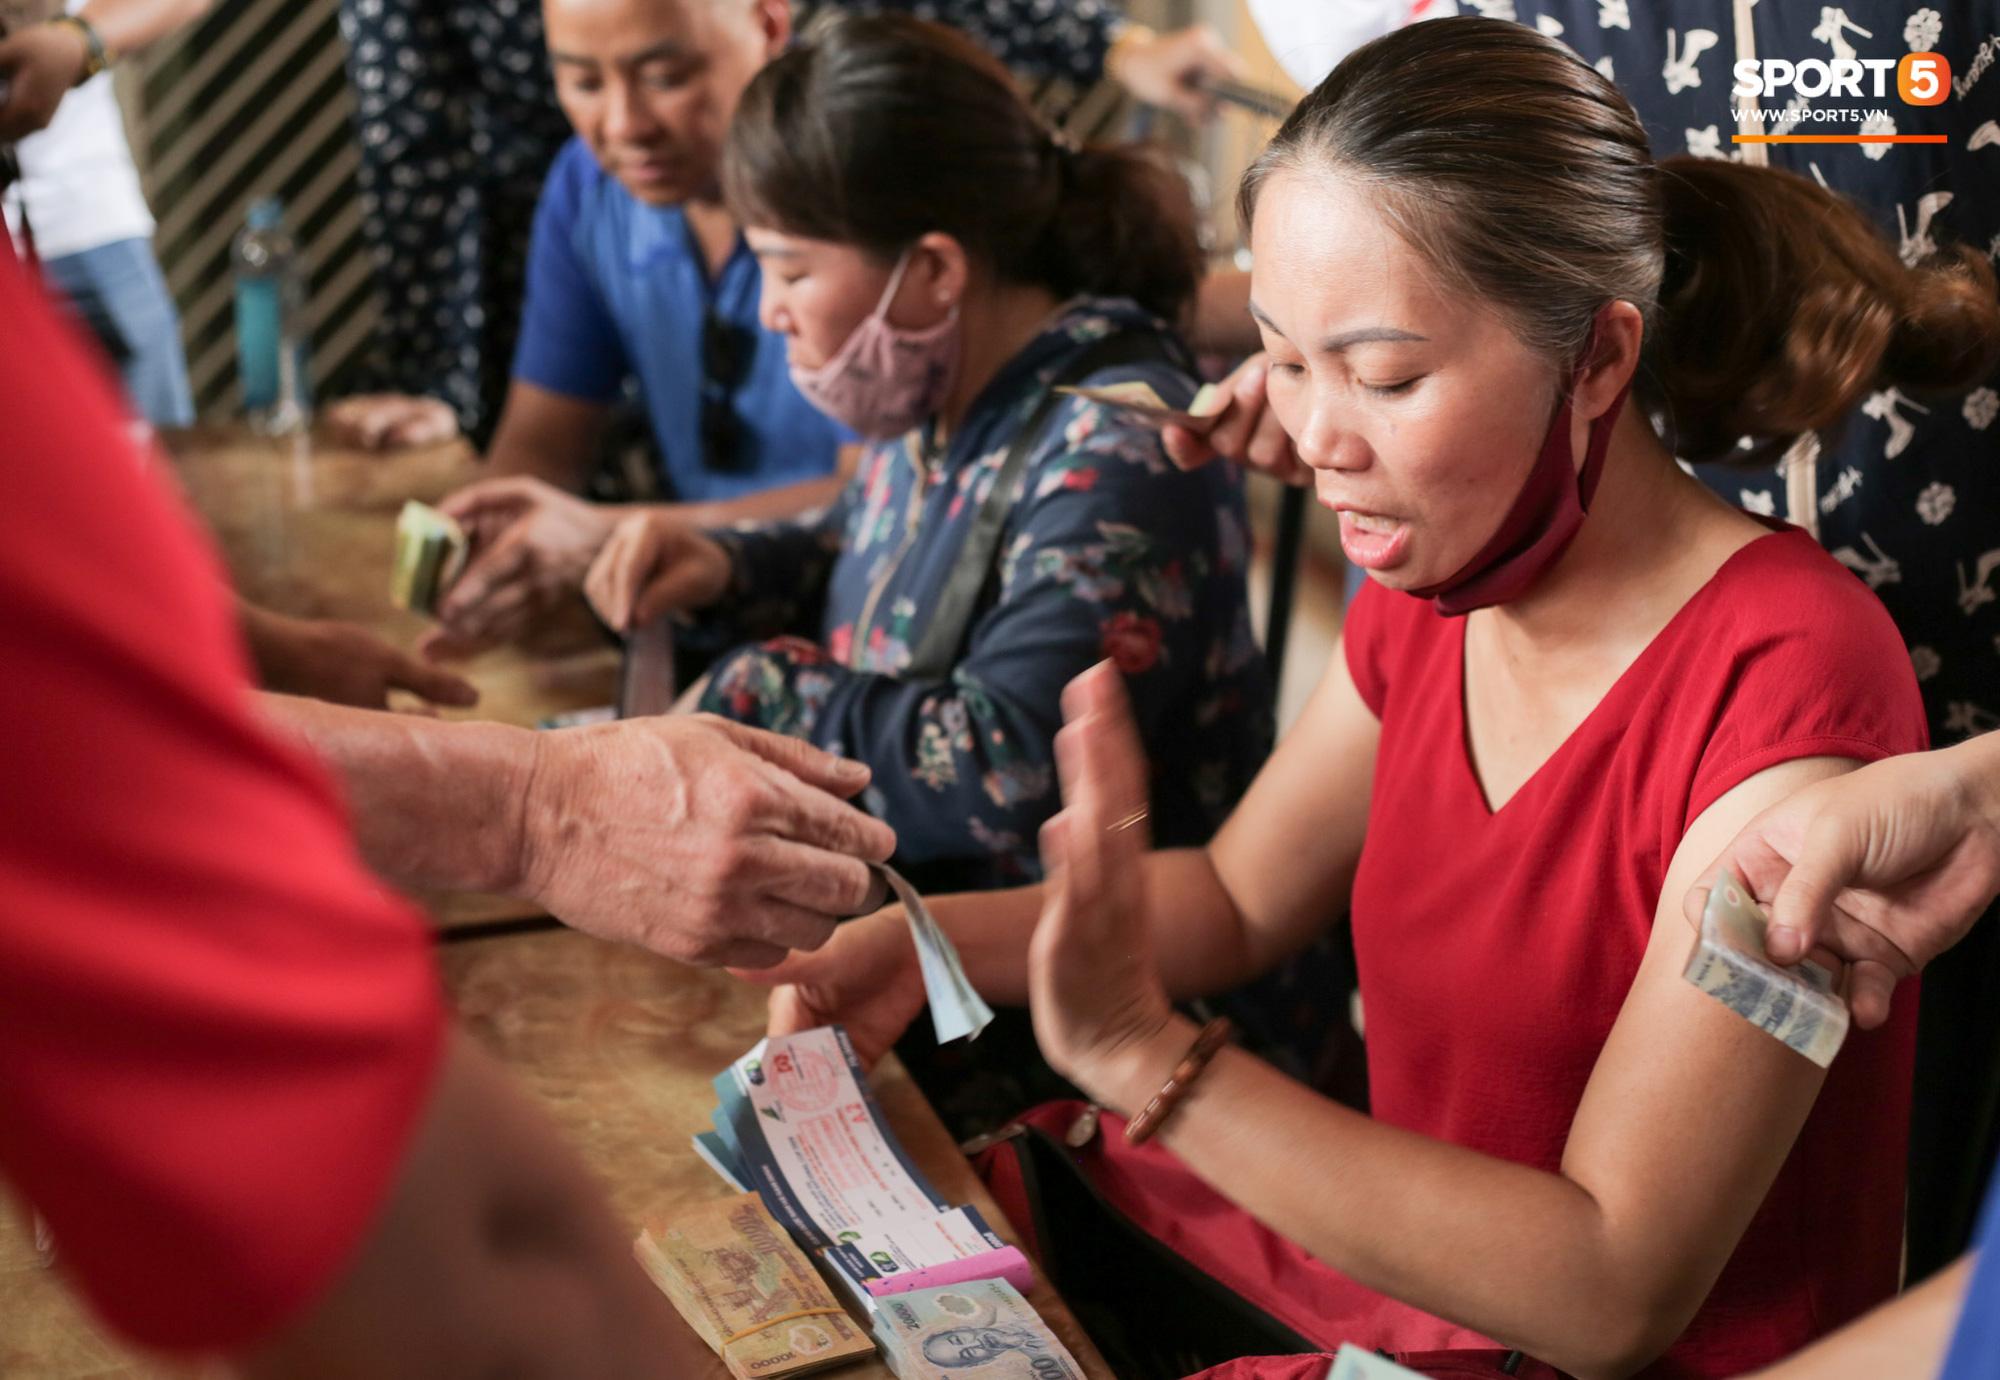 Chen nhau nghẹt thở mua vé xem bóng đá ở Nam Định, dân phe Hà Nội cũng đổ về thu gom - Ảnh 3.